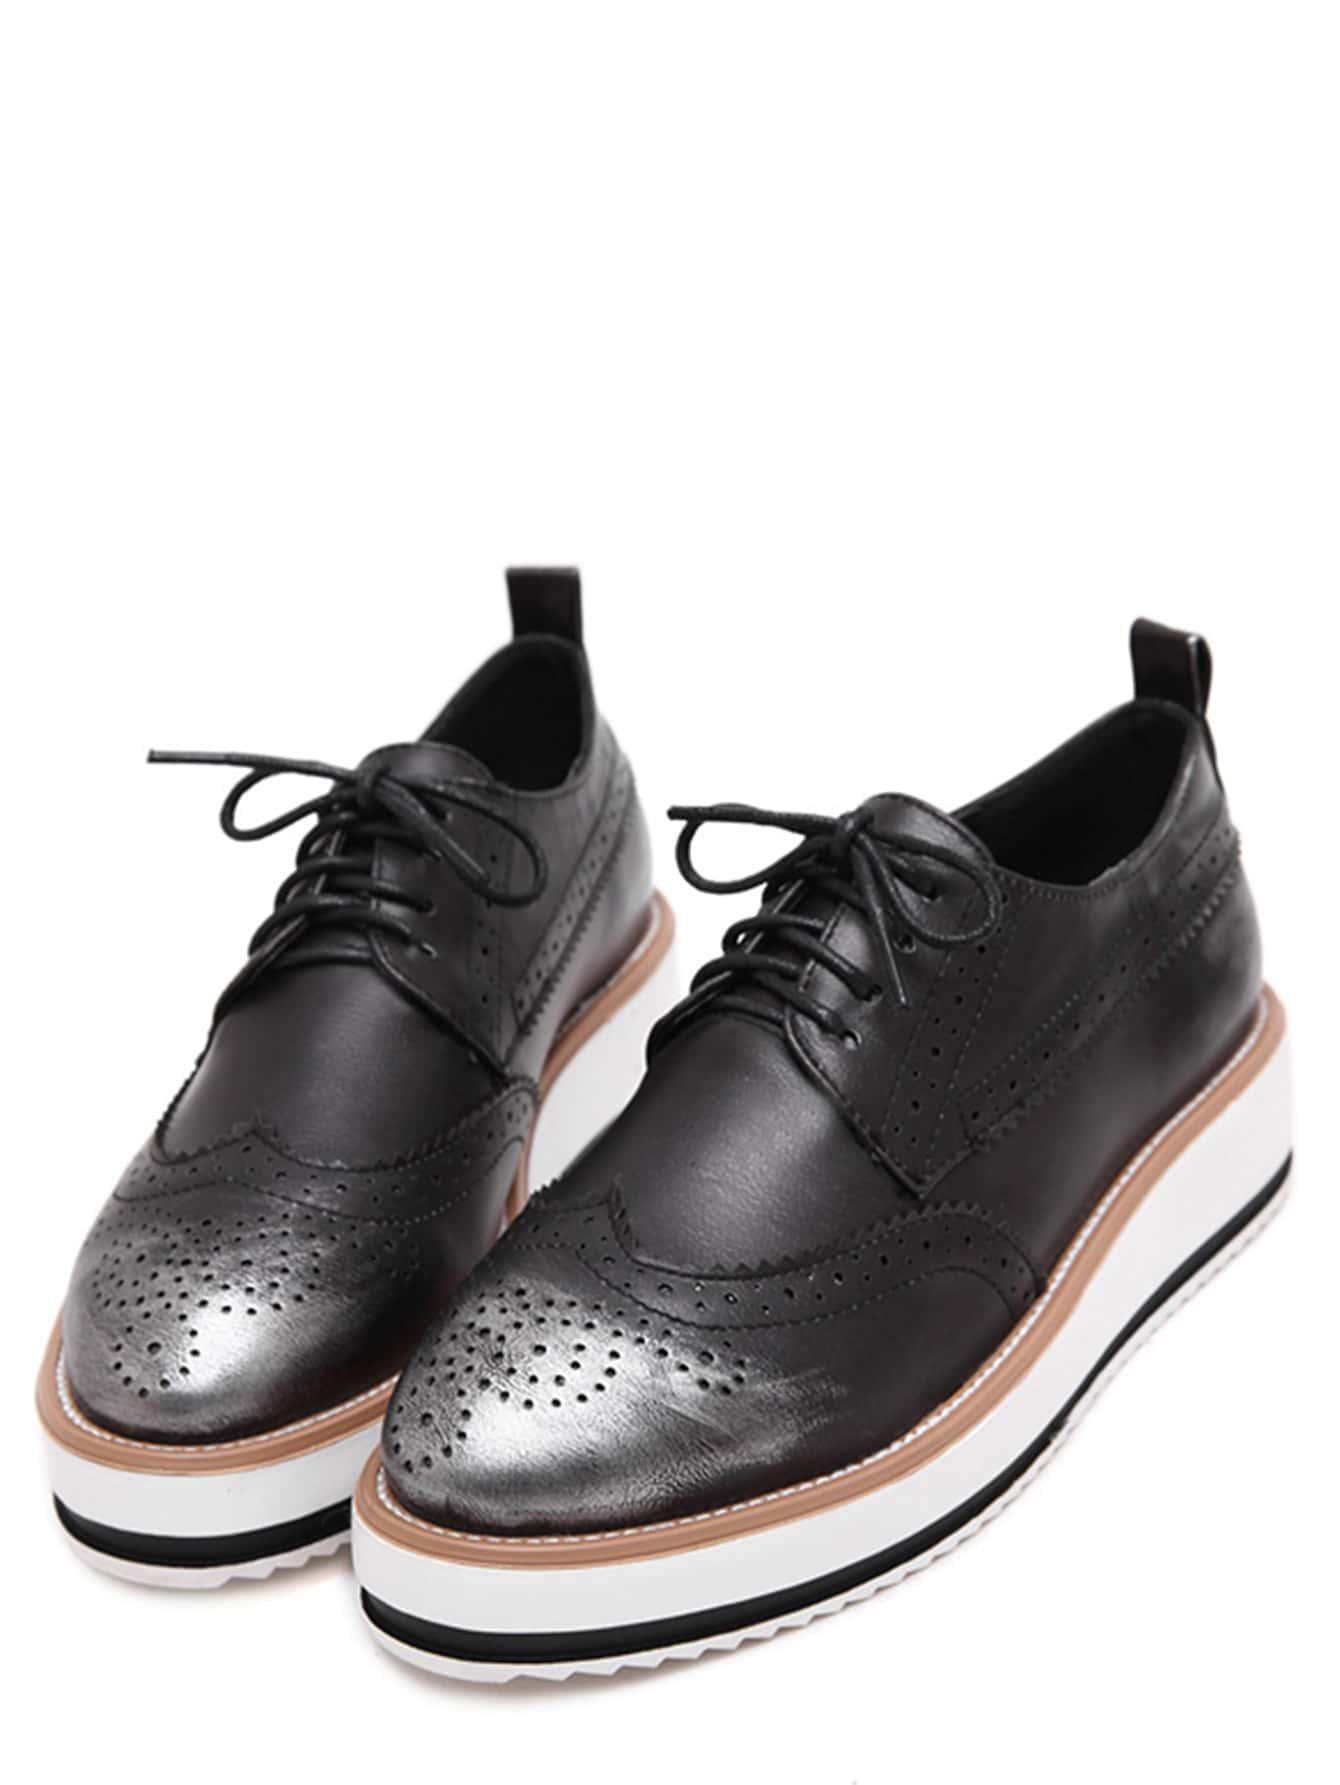 shoes160823813_2